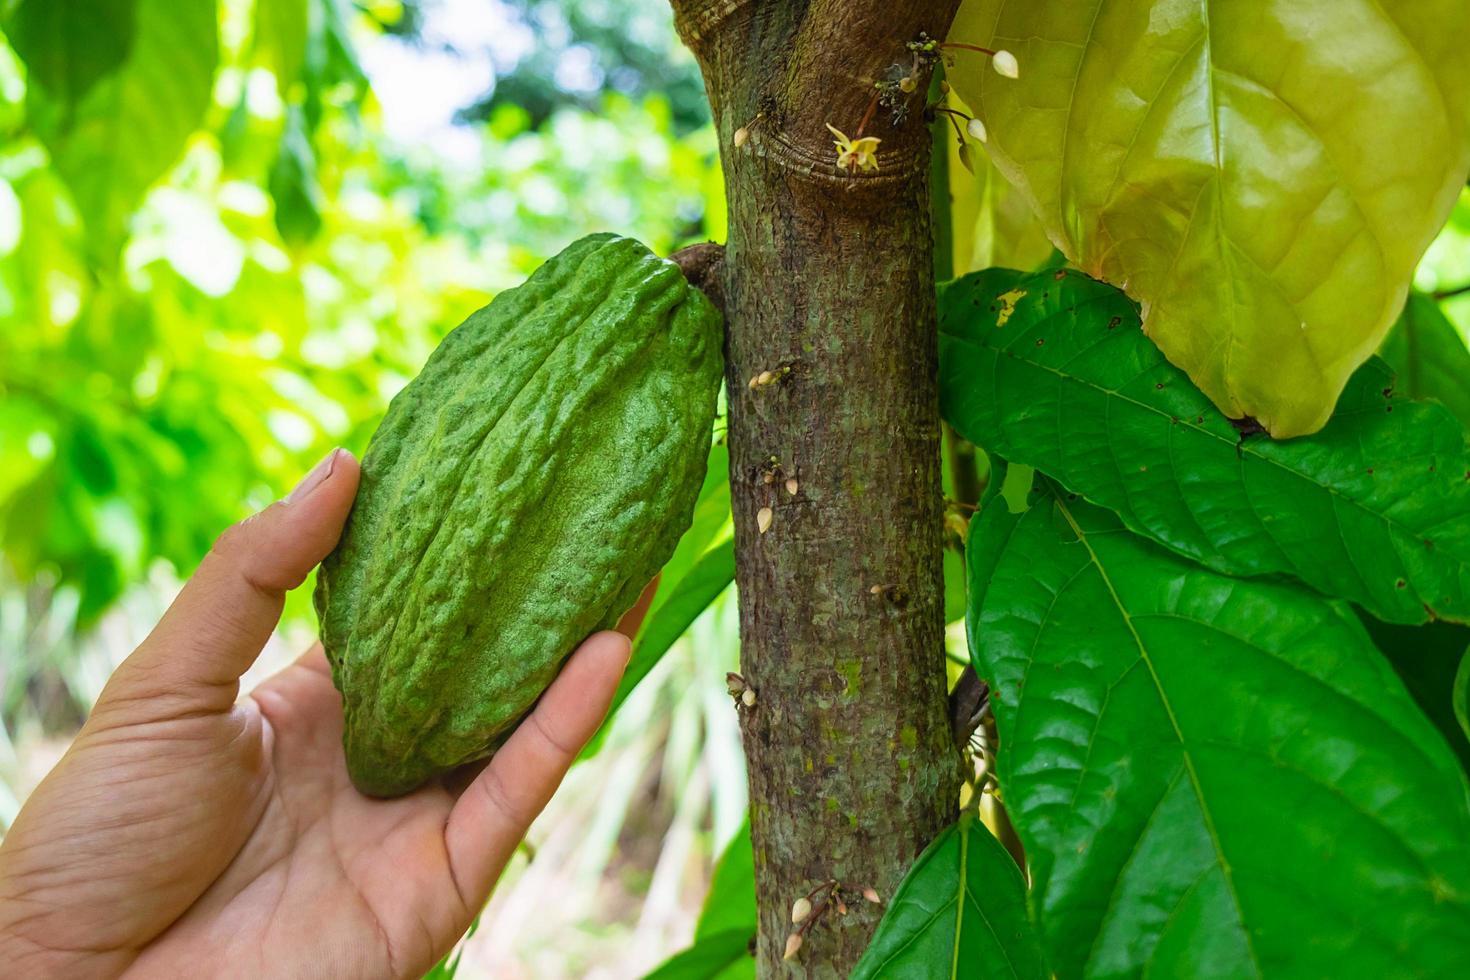 Kakaofrucht auf einem Ast des Baumes foto